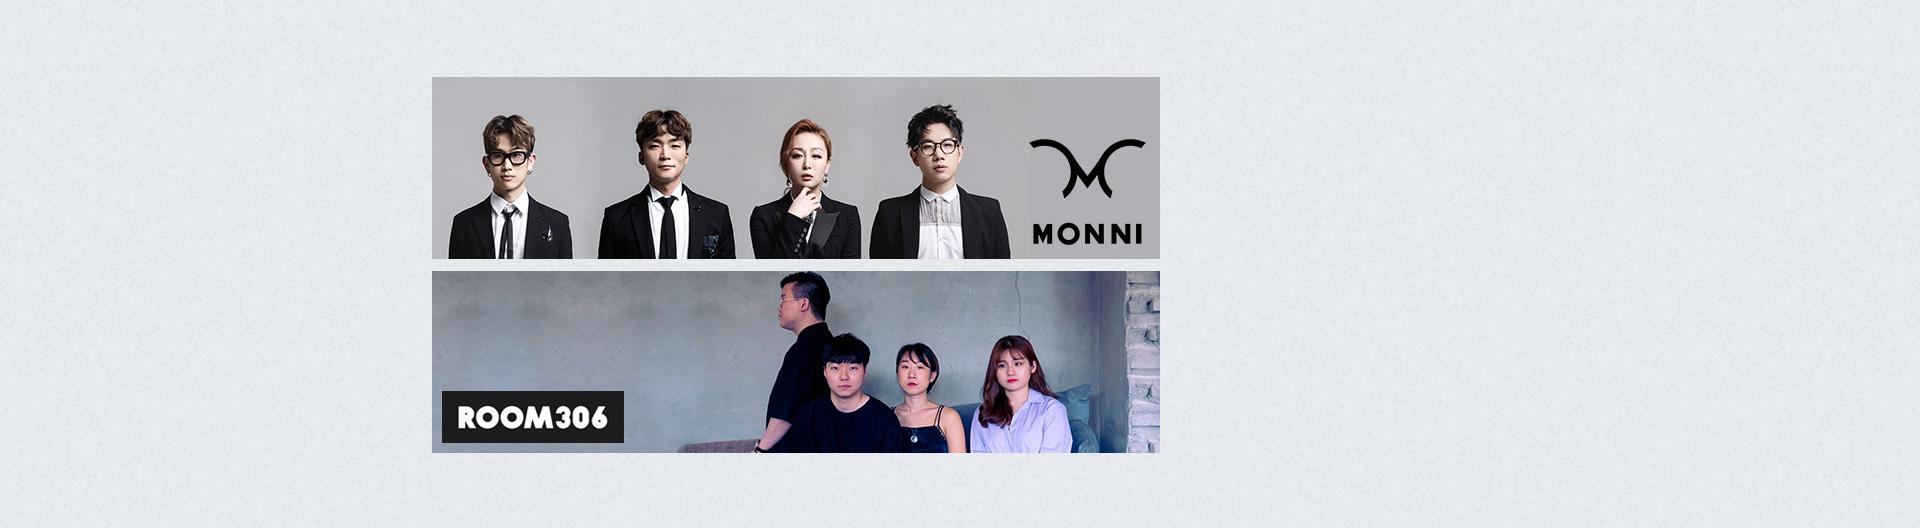 몽니(MONNI) X Room306